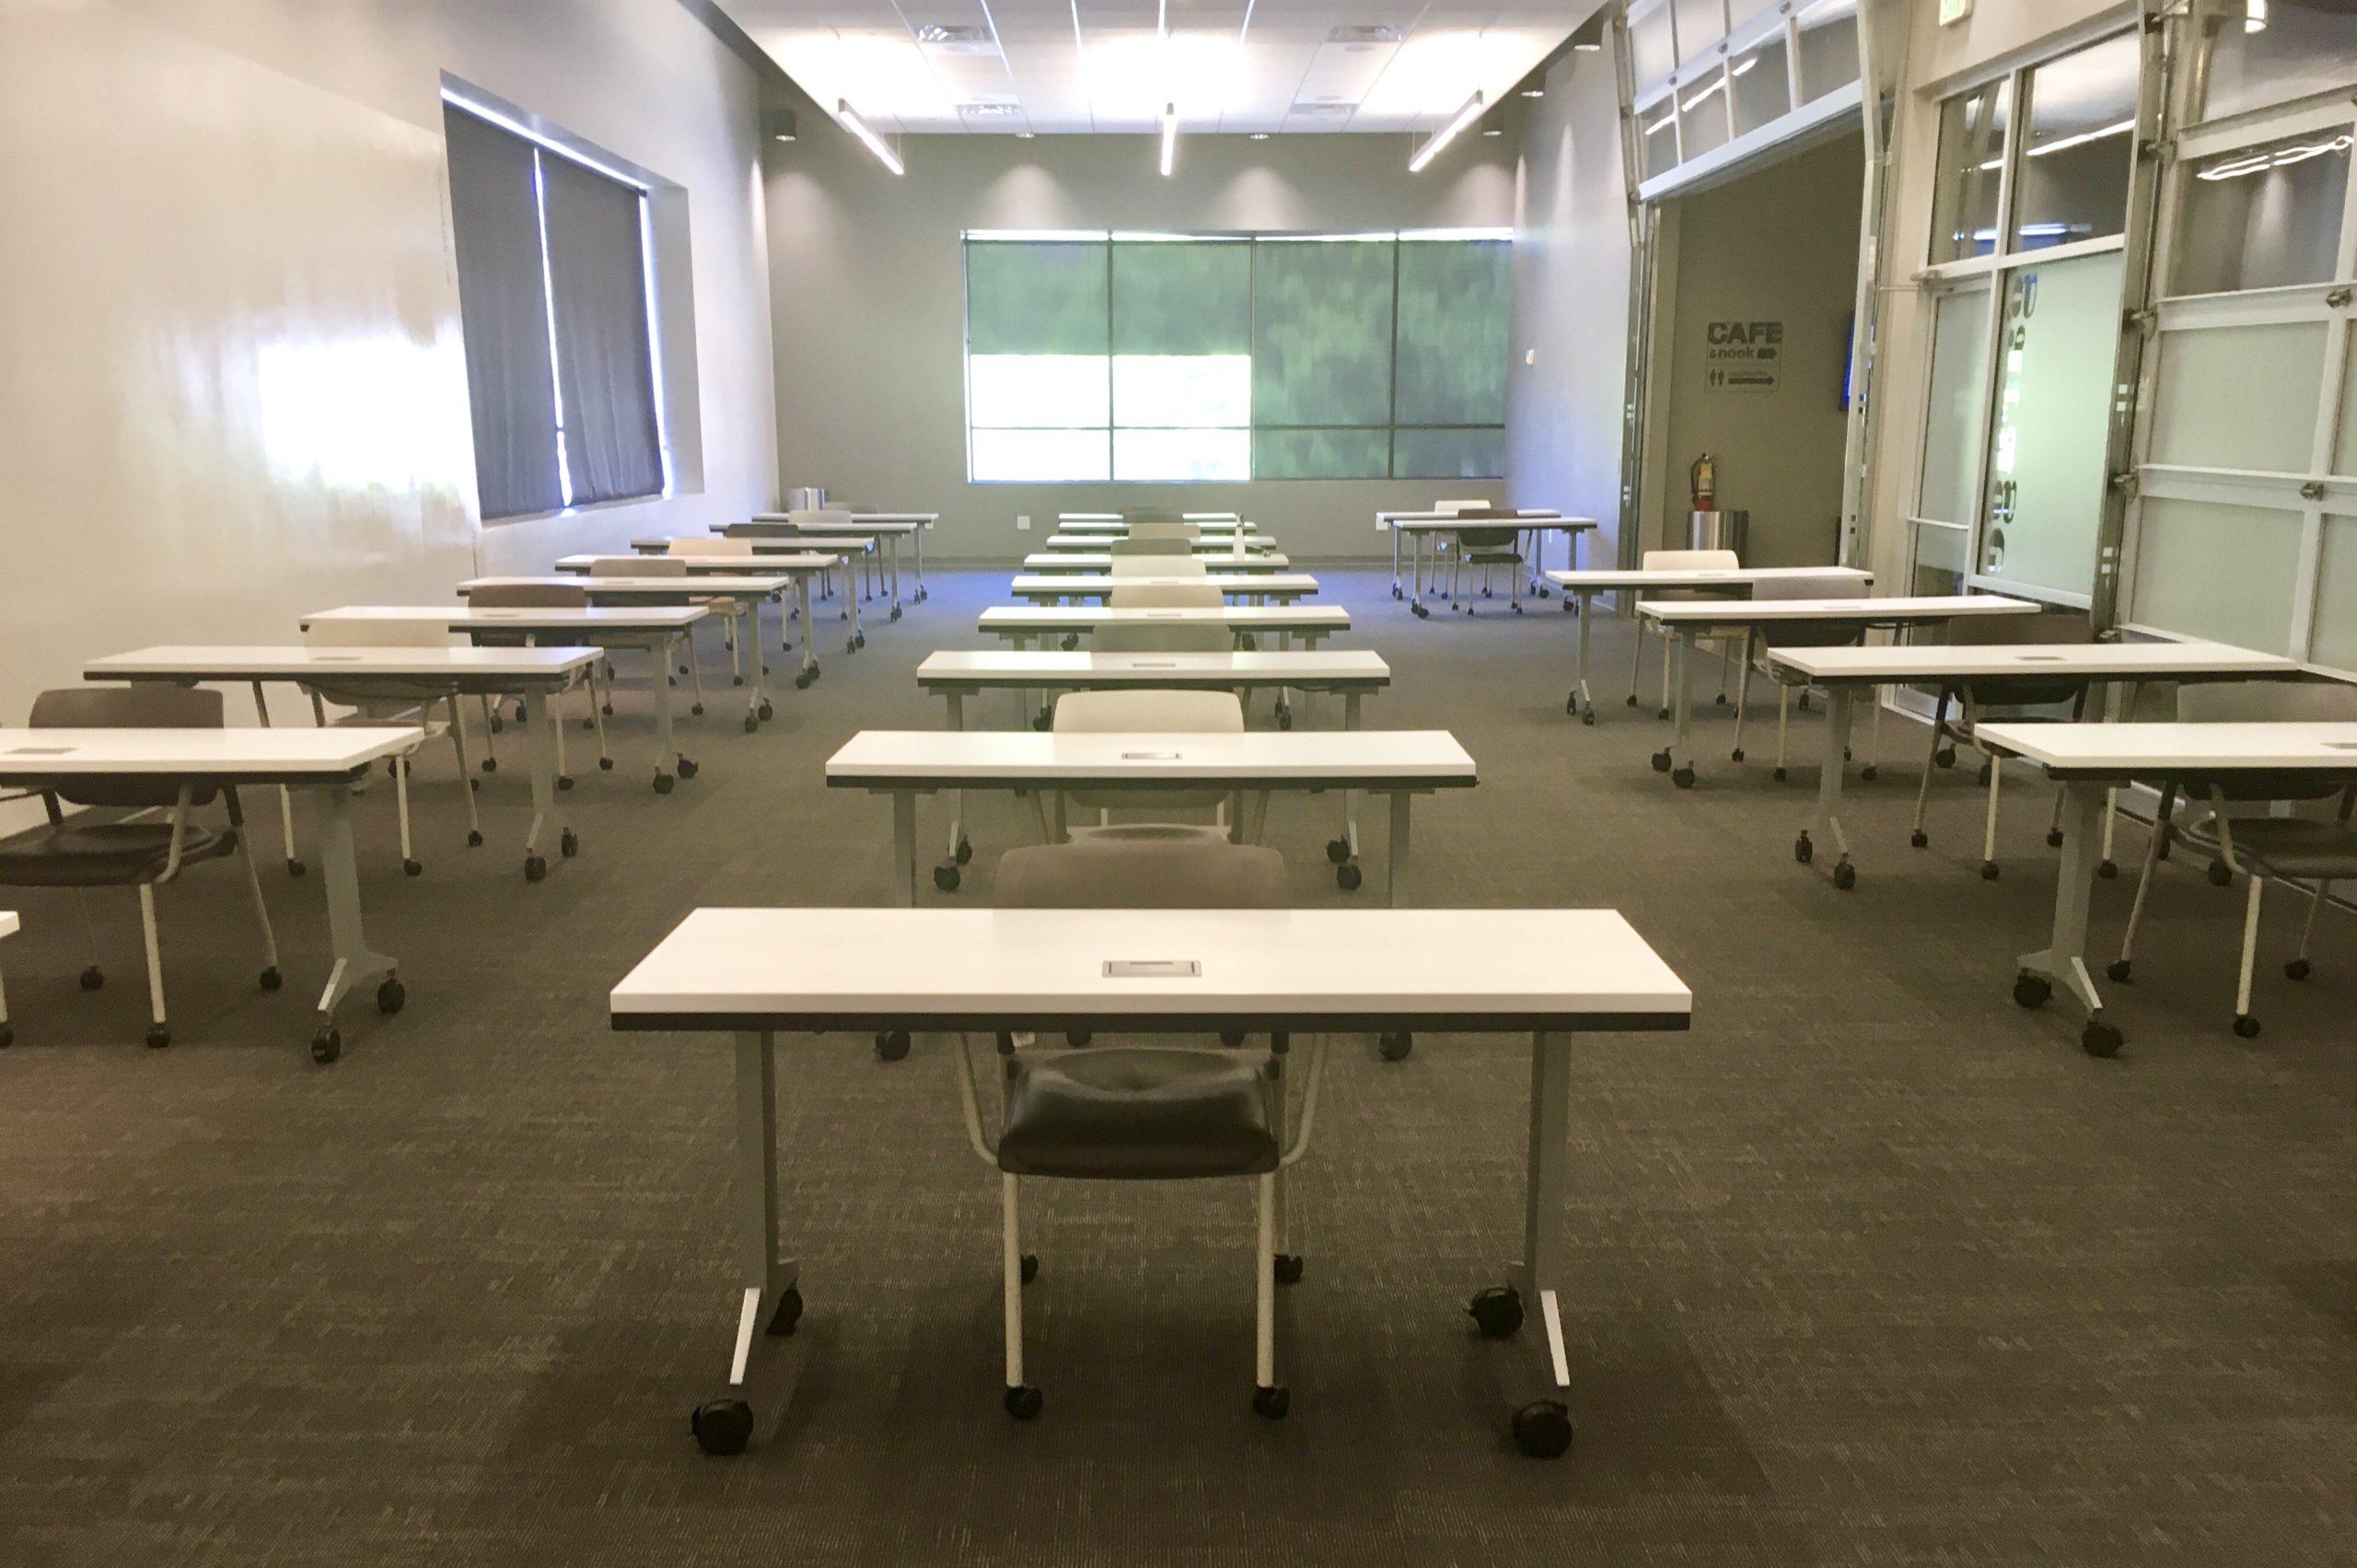 Socially distanced meeting room setup